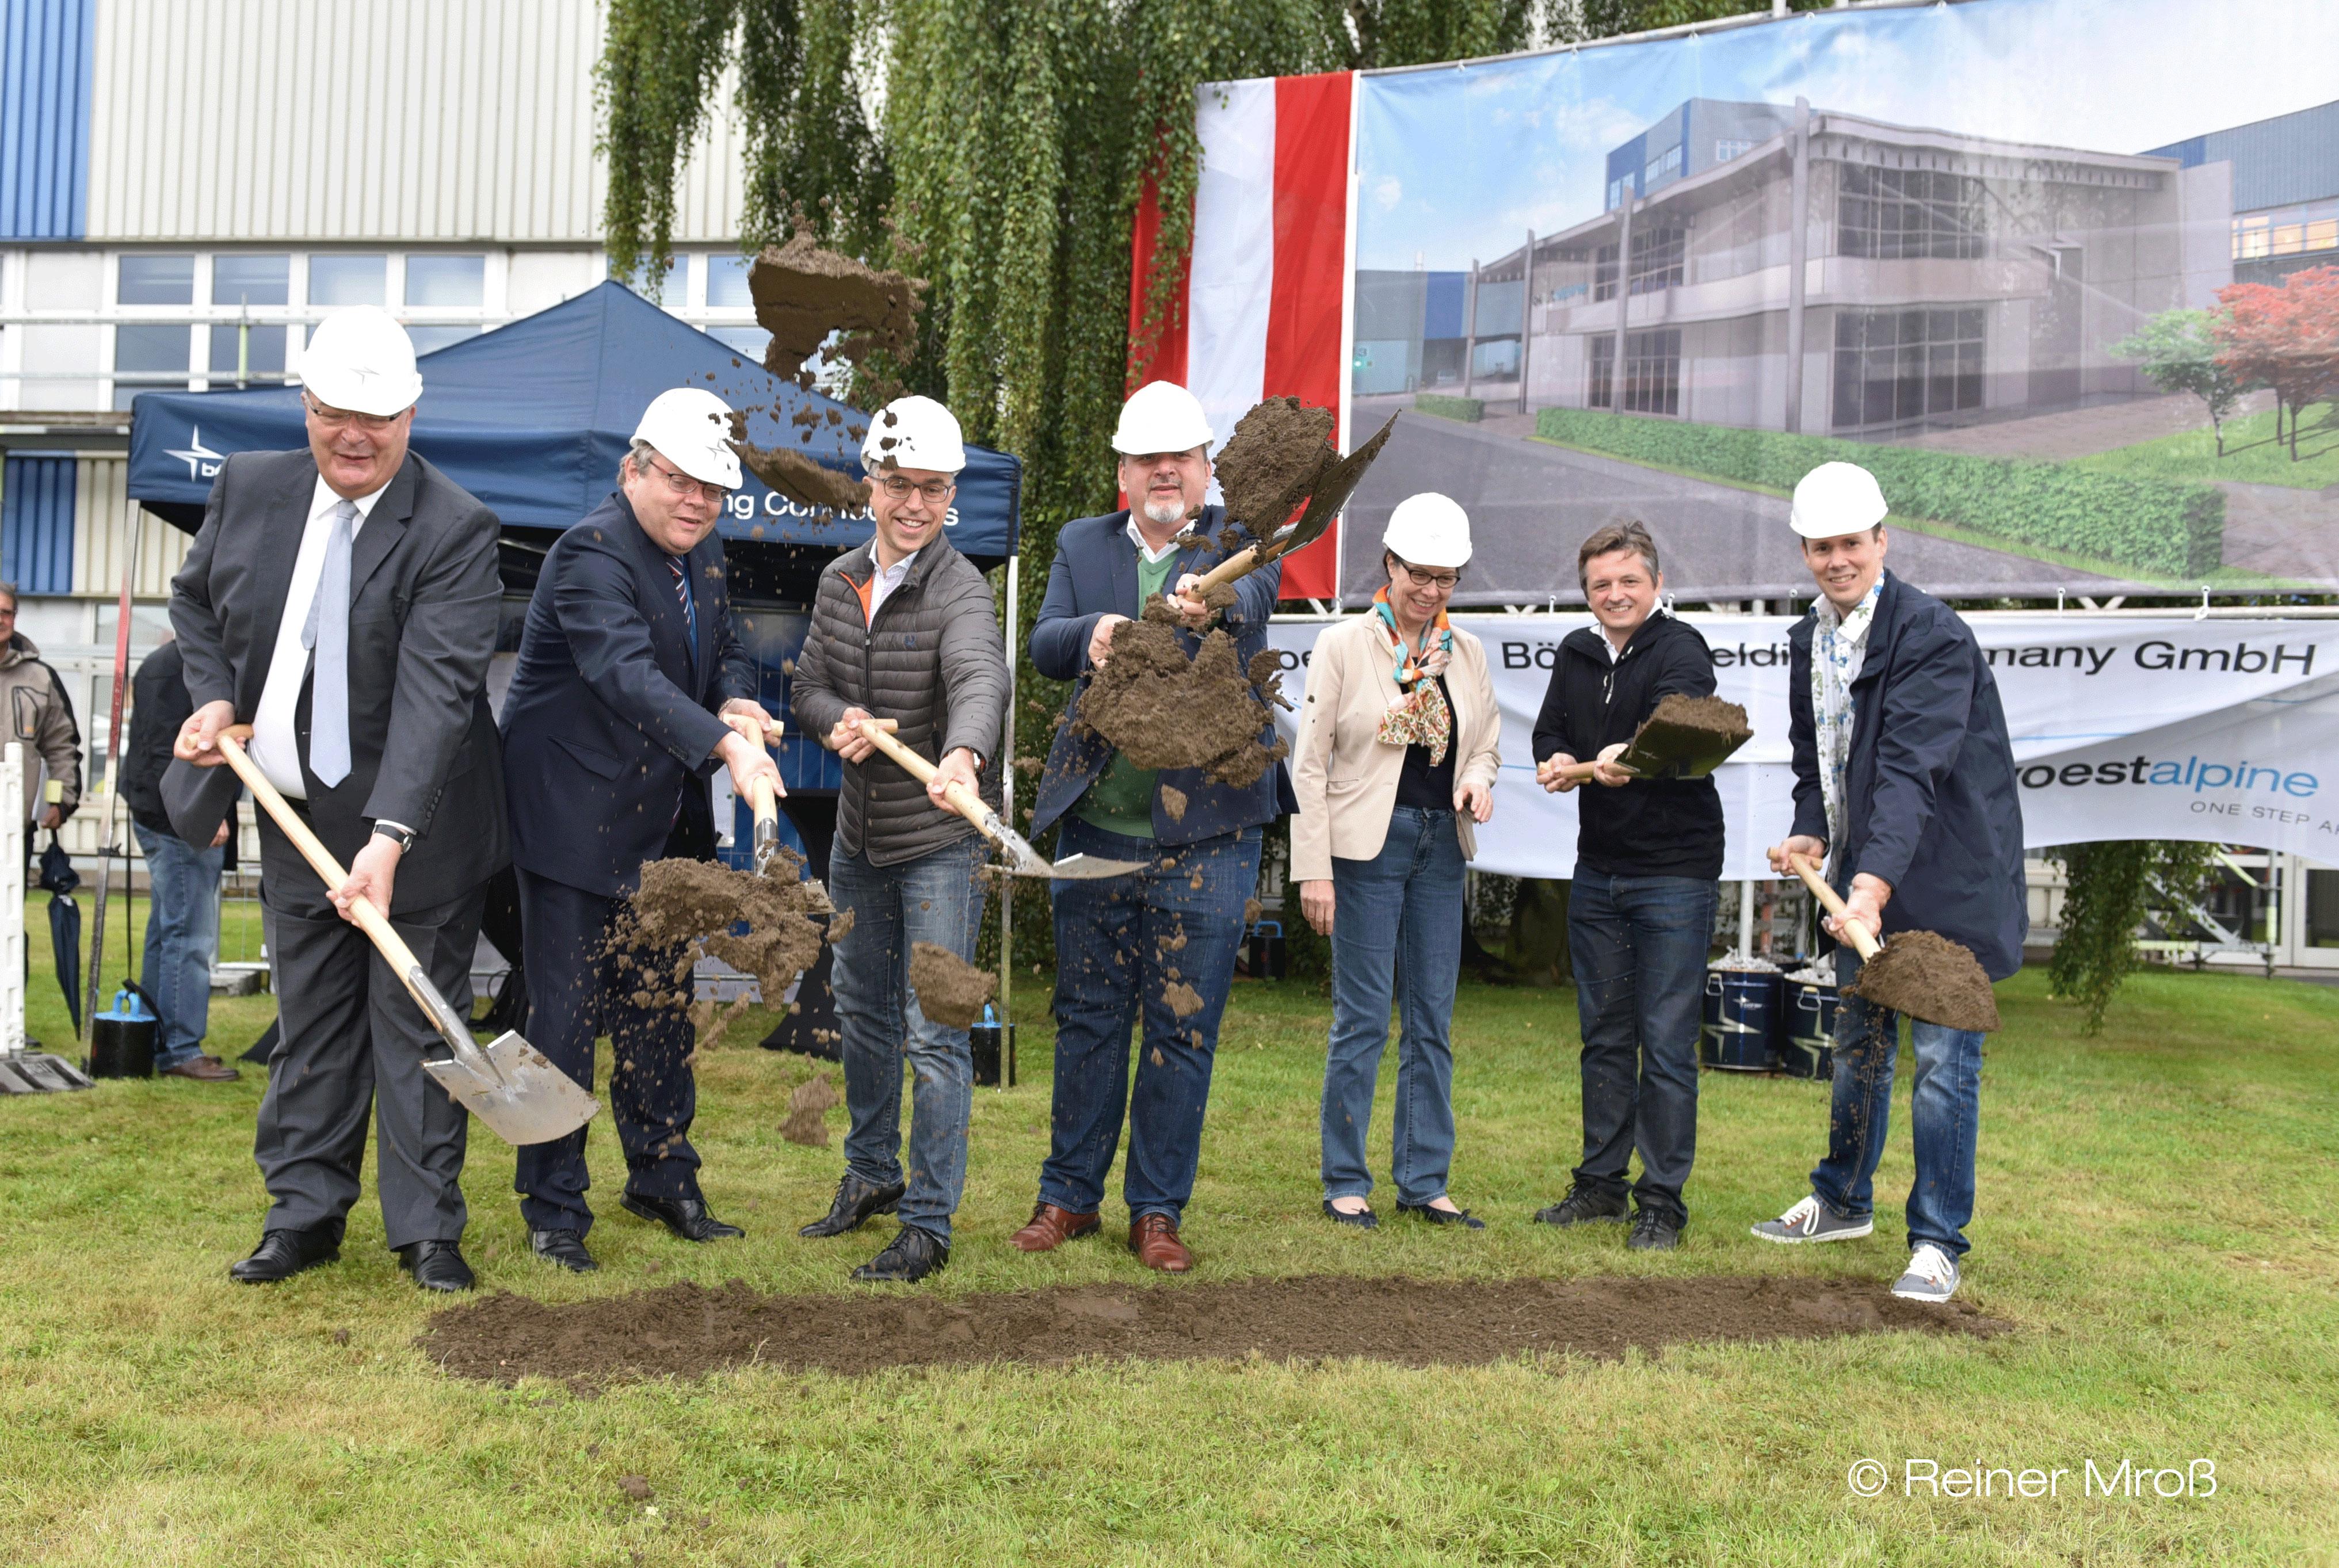 voestalpine Böhler Welding - Unternehmen - News